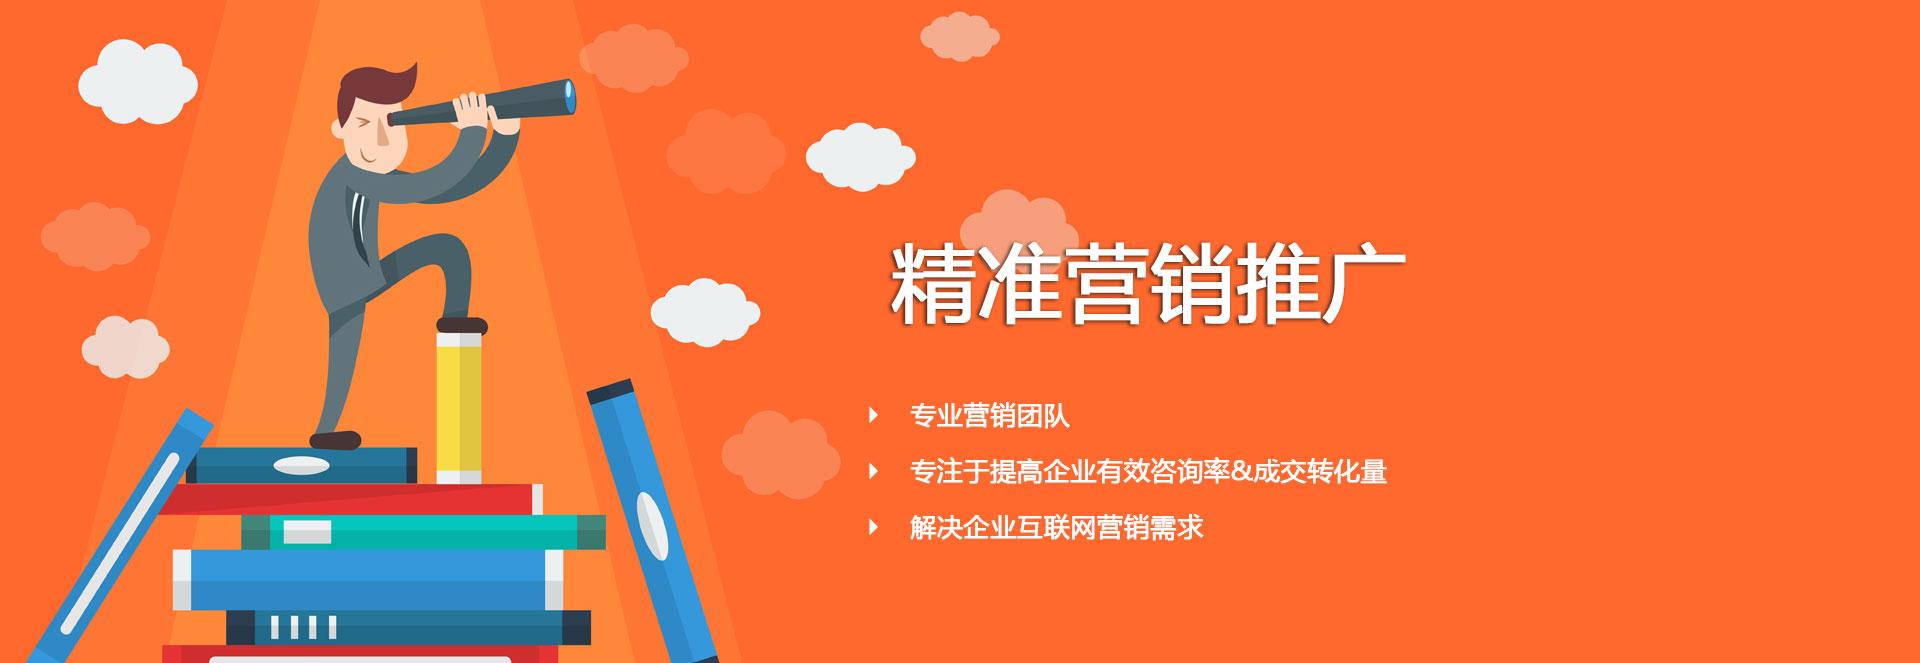 企盾分响-北京精准营销推广